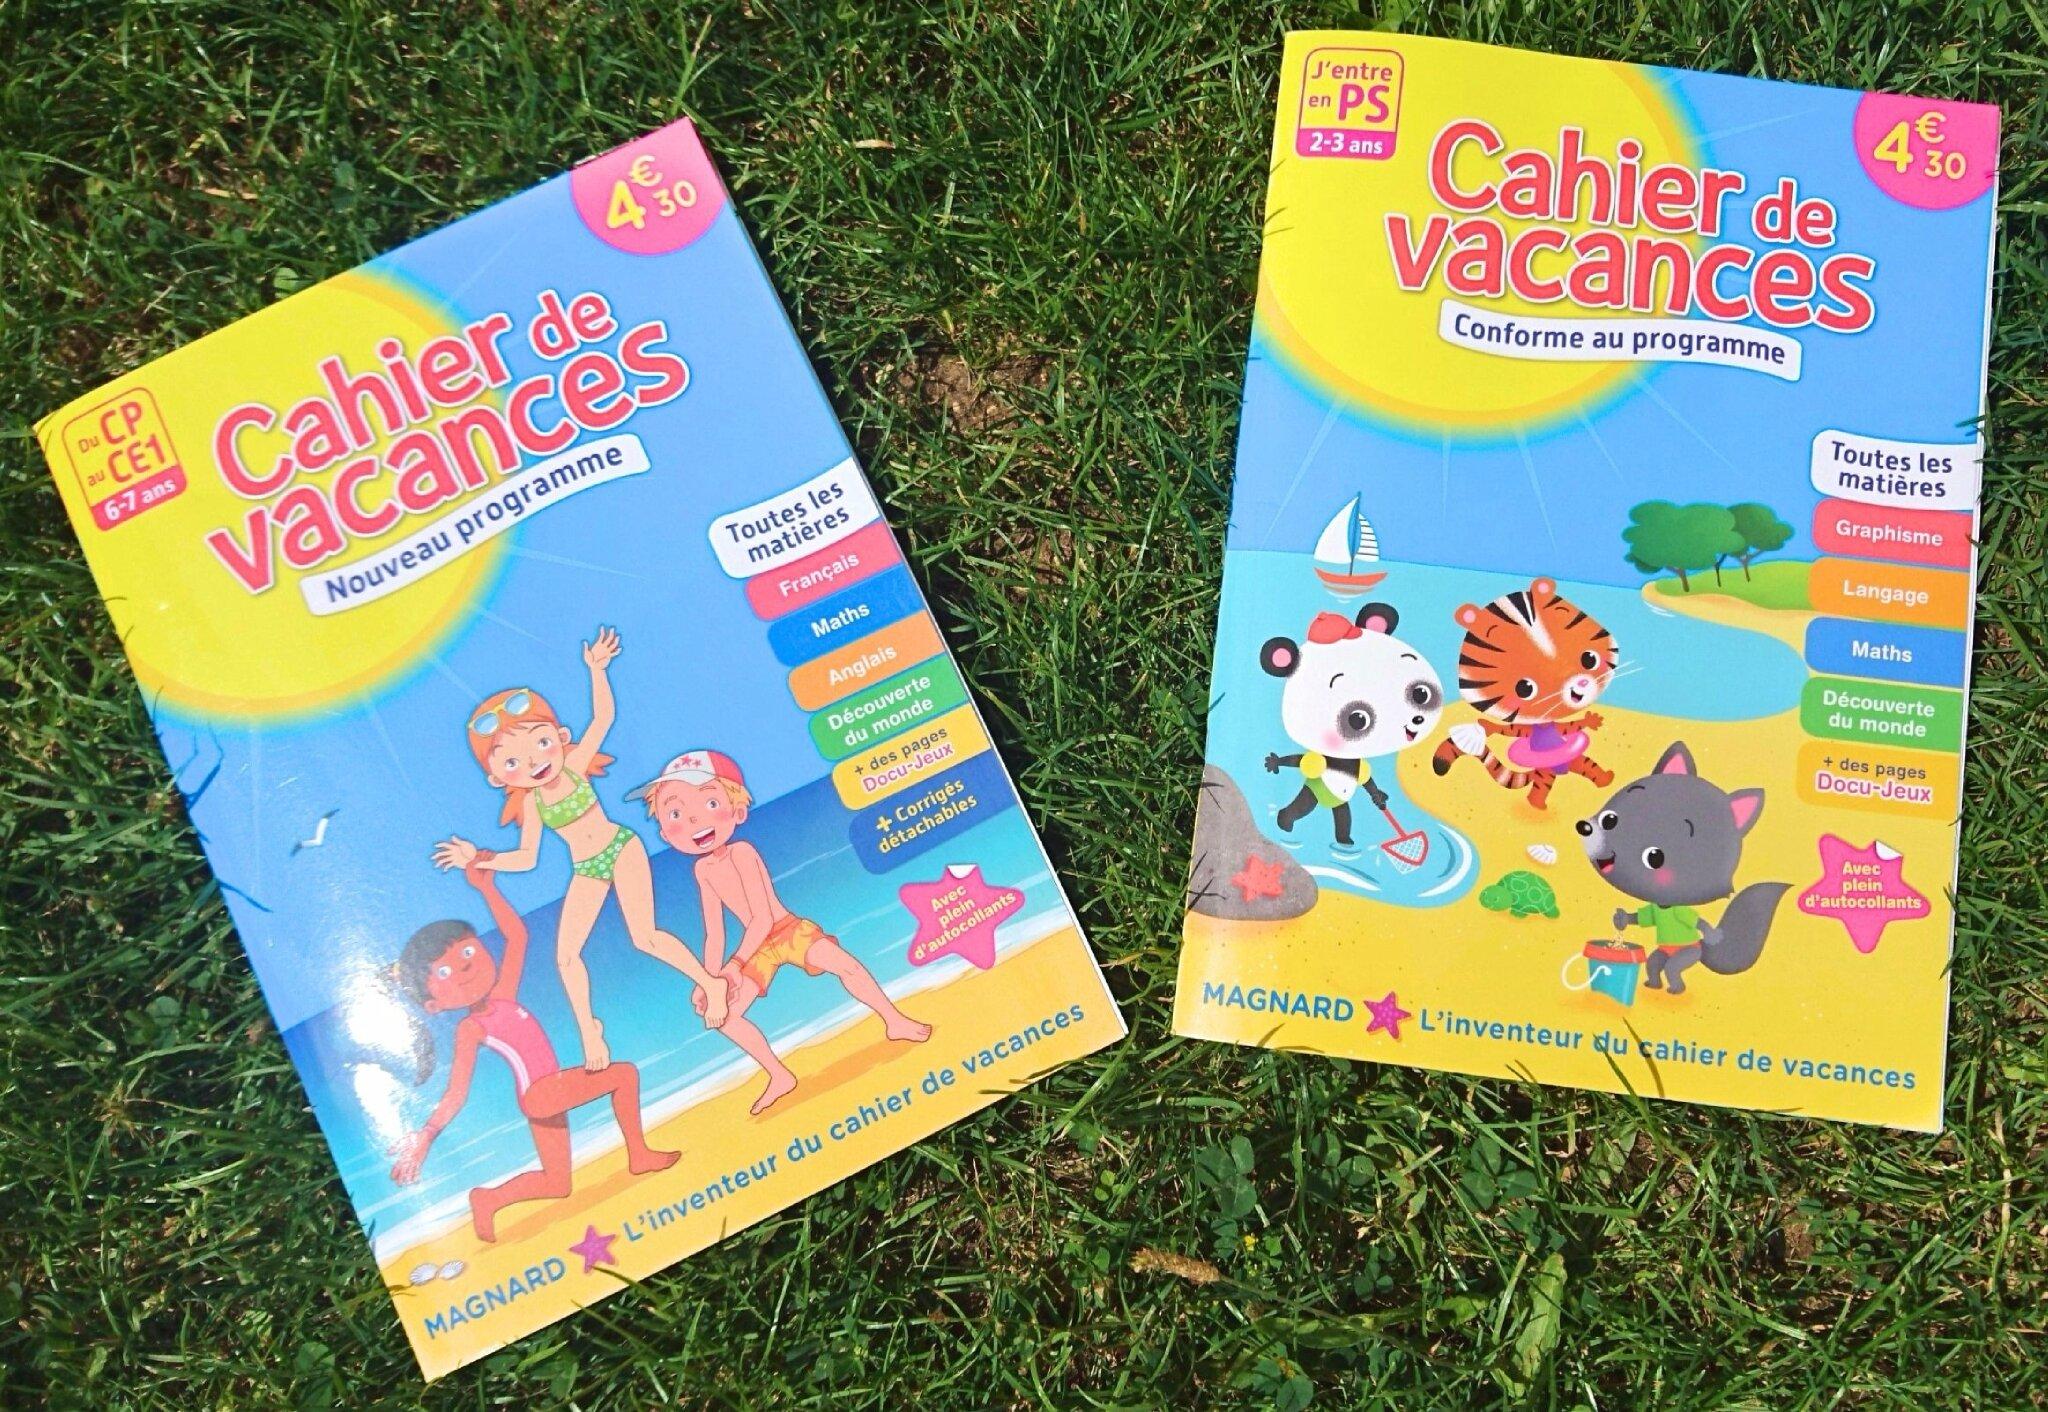 Un cahier de vacances pour l'été 2017?